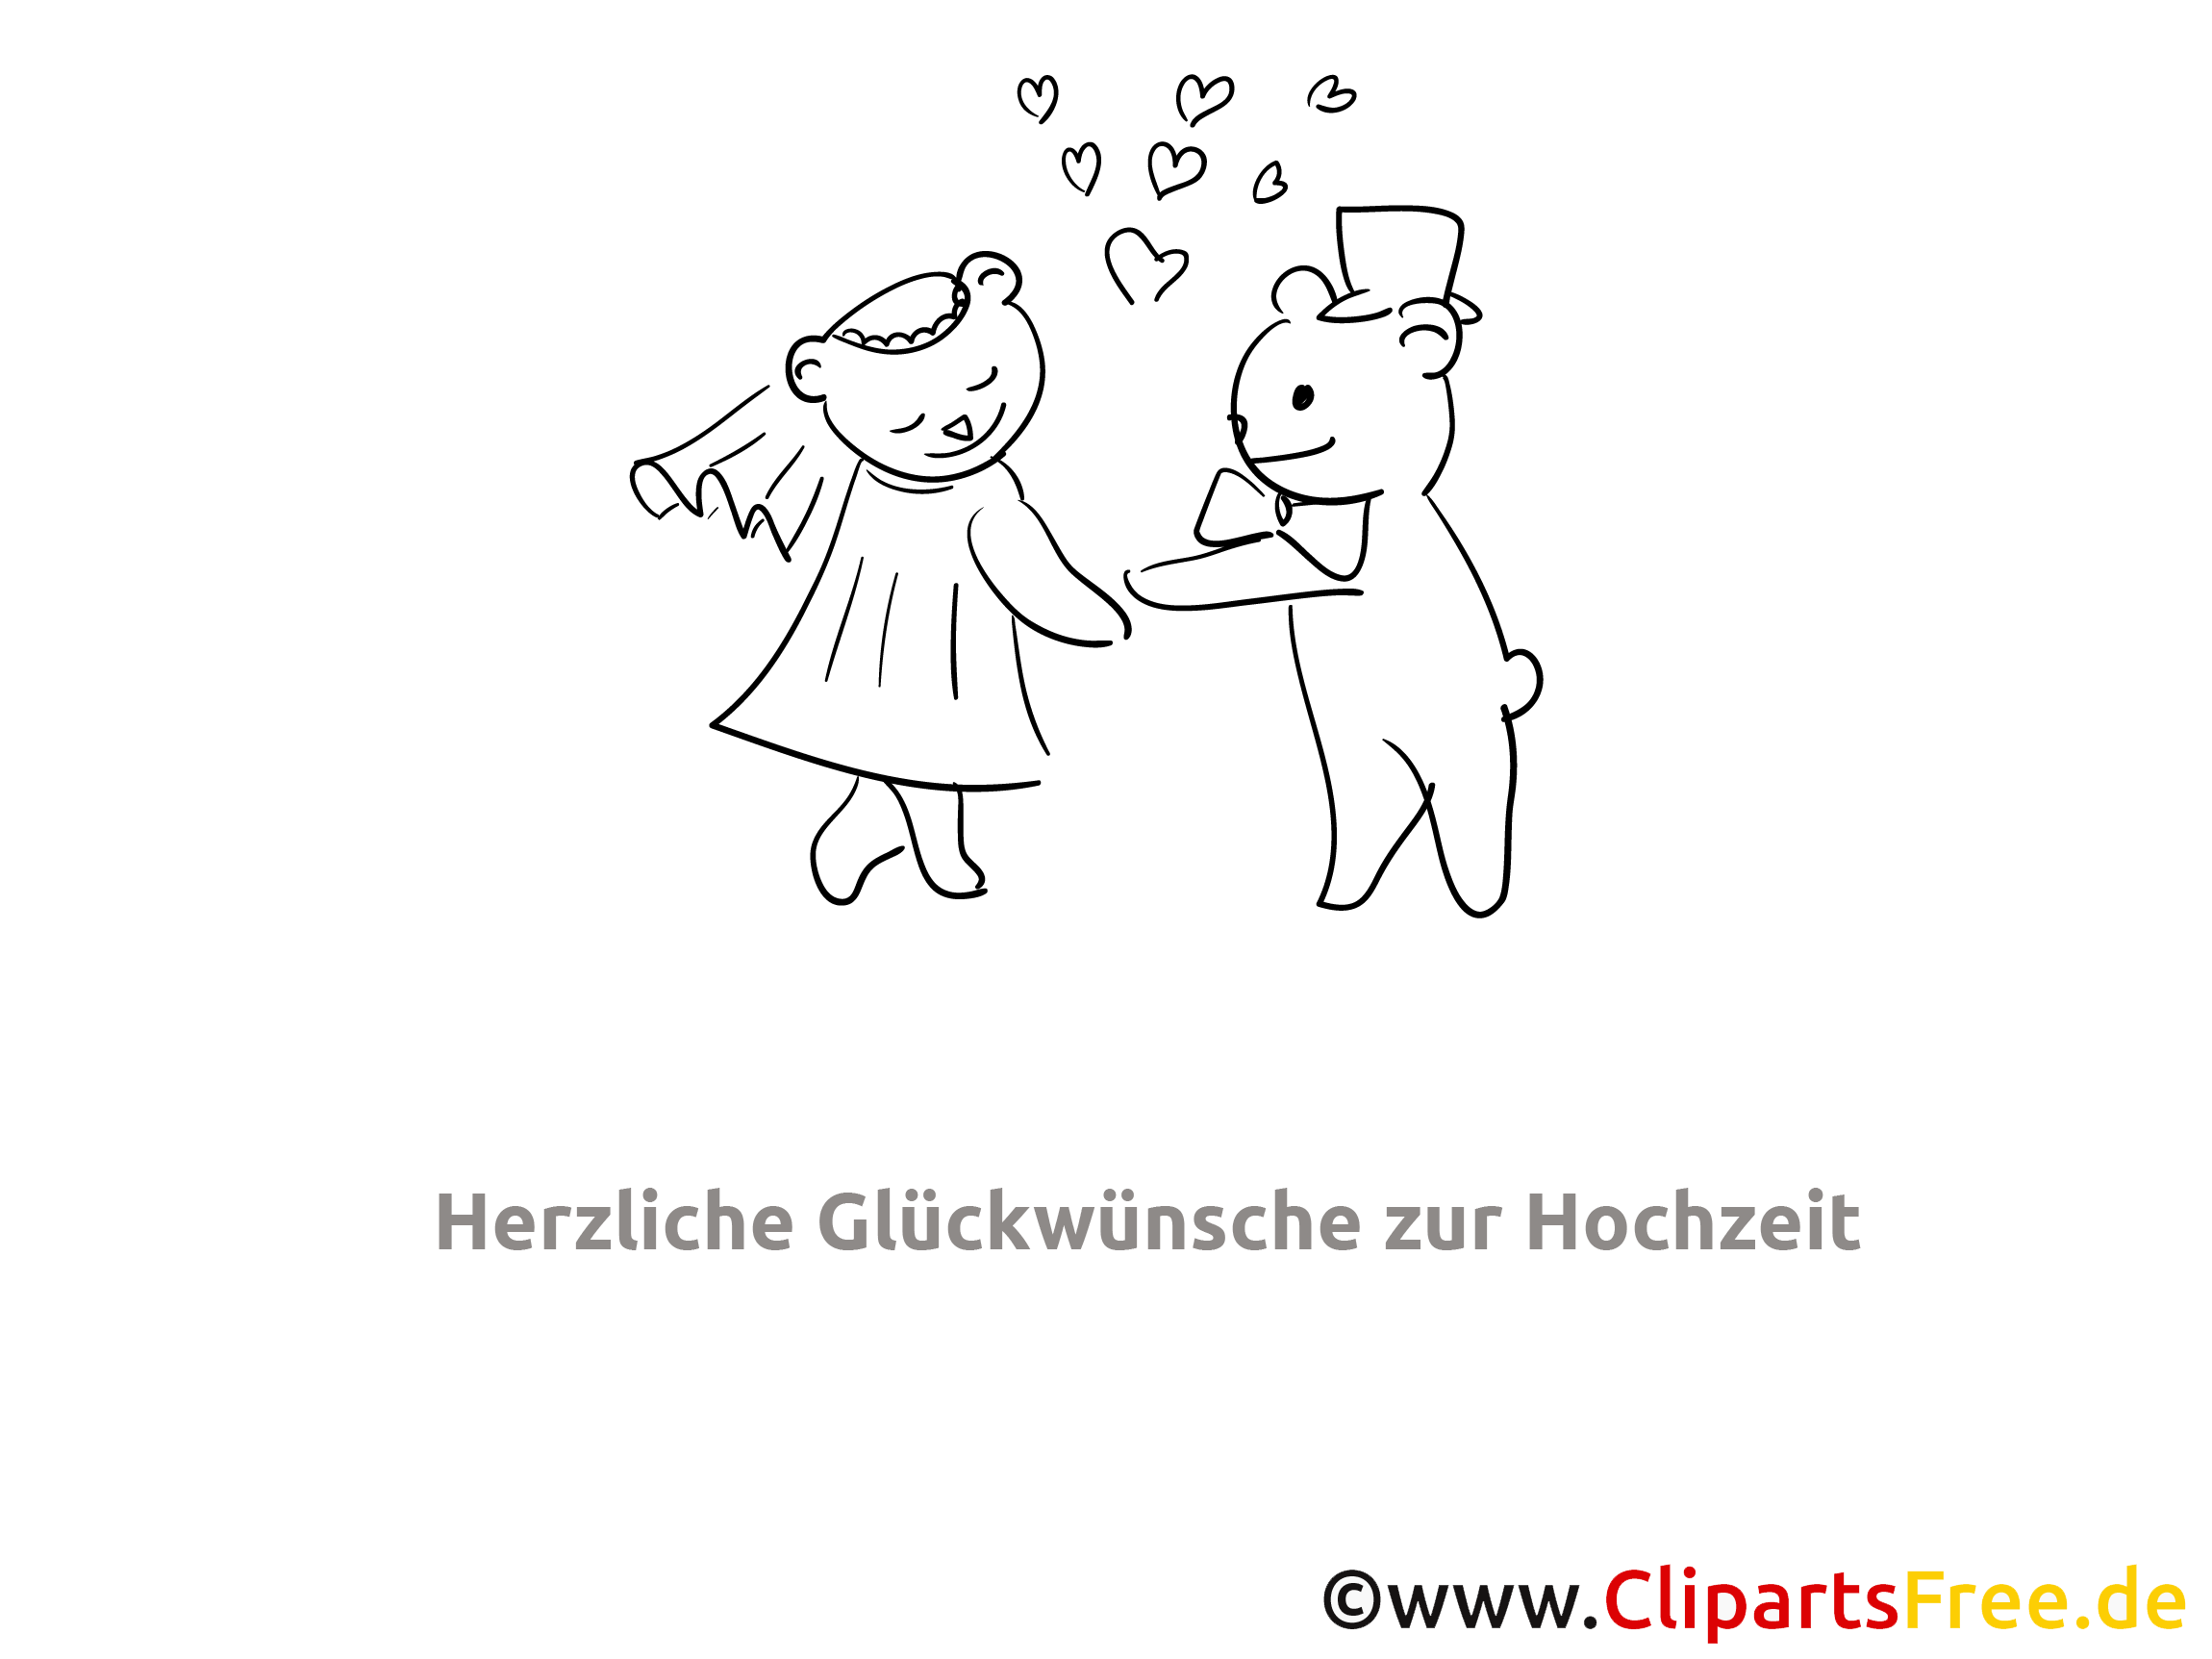 Glückwünsche zur Hochzeit Ausmalbild gratis